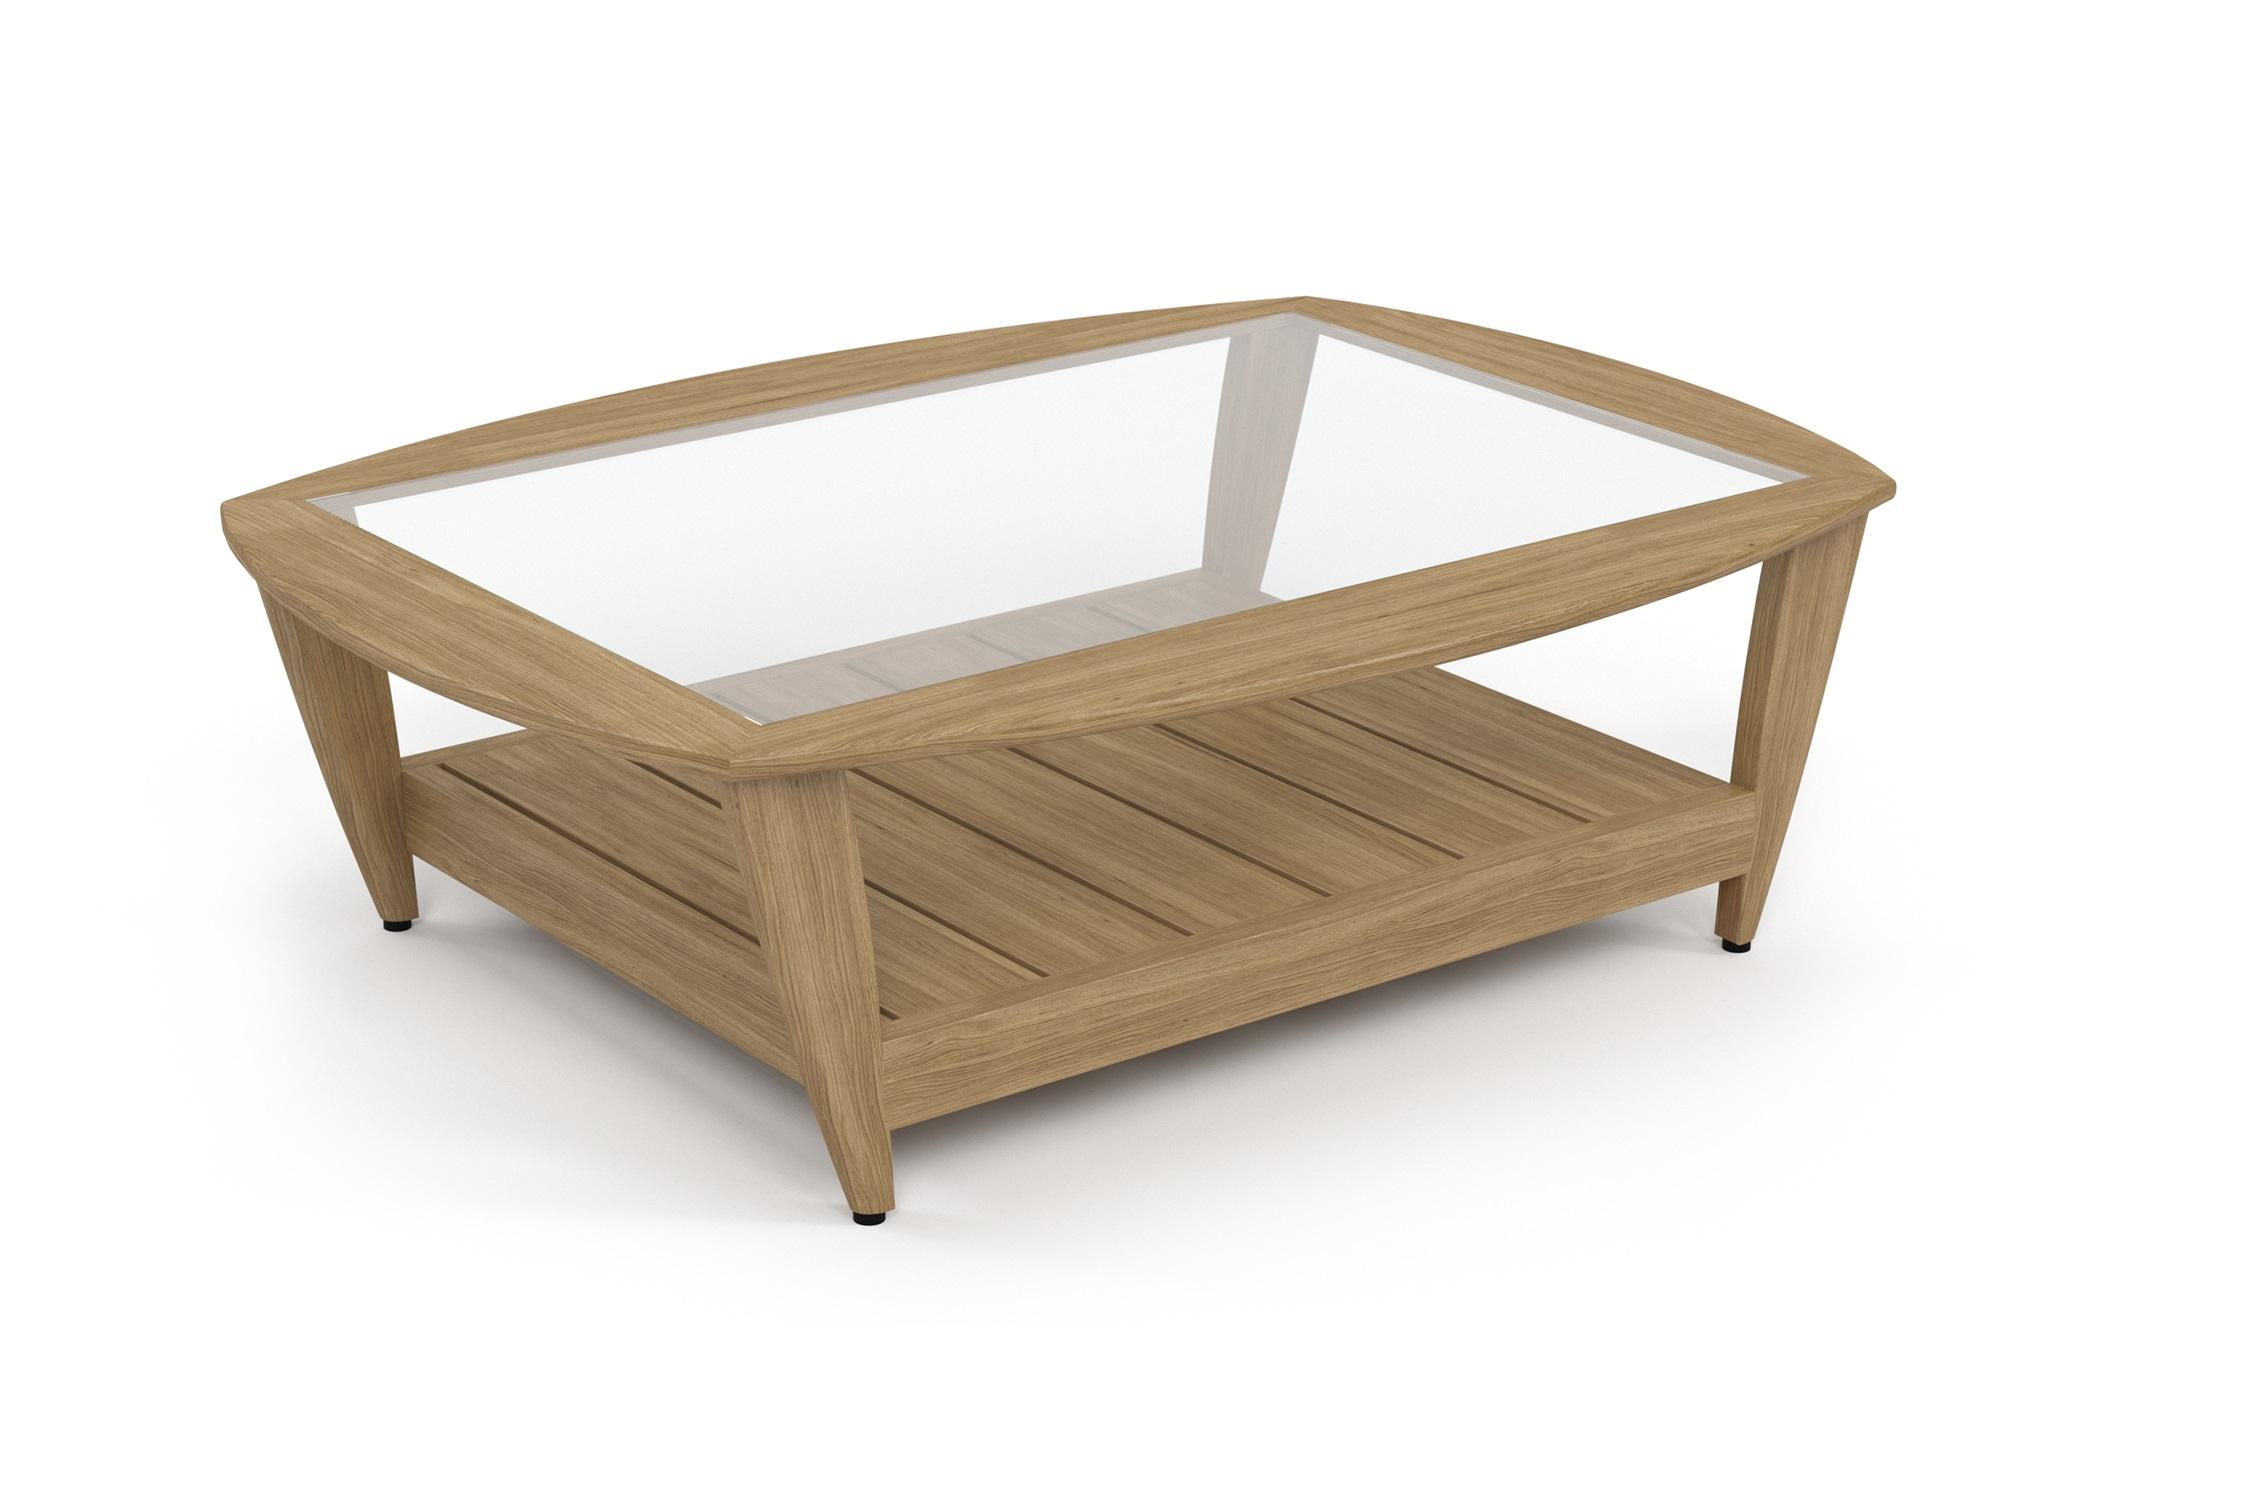 Стол журнальный ReefСтолы и столики для сада<br>Коллекция REEF - уникальный дизайн, сочетающий в себе надежность, теплоту дерева и продуманность форм. Мягкие удобные подушки, выполненные в контрастной цветовой гамме, сразу привлекают внимание к уютному уголку отдыха. Коллекция универсальна: предназначена для уединения отдыха в тенистой зелени сада, неспешных обедов во внутреннем дворике или досуга у воды.&amp;nbsp;Термоясень (ясень термообработанный) обладает высокими эксплуатационными характеристиками. Имеет ярко выраженную красивую текстуру и благородный аромат. Это исключительно долговечный, недеформируемый под воздействием атмосферных явлений и экологически чистый материал. В результате термообработки – длительного переменного воздействия пара и высоких температур – в структуре древесины происходят изменения на молекулярном уровне, и ясень приобретает наиболее важные для уличной мебели свойства – водостойкость, стабильность размеров, абсолютную устойчивость к биологическим поражениям. Срок службы – 10-15 лет.Вся фурнитура изготовлена из нержавеющей стали на собственном производстве.&amp;nbsp;<br><br><br><br>kit: None<br>gender: None